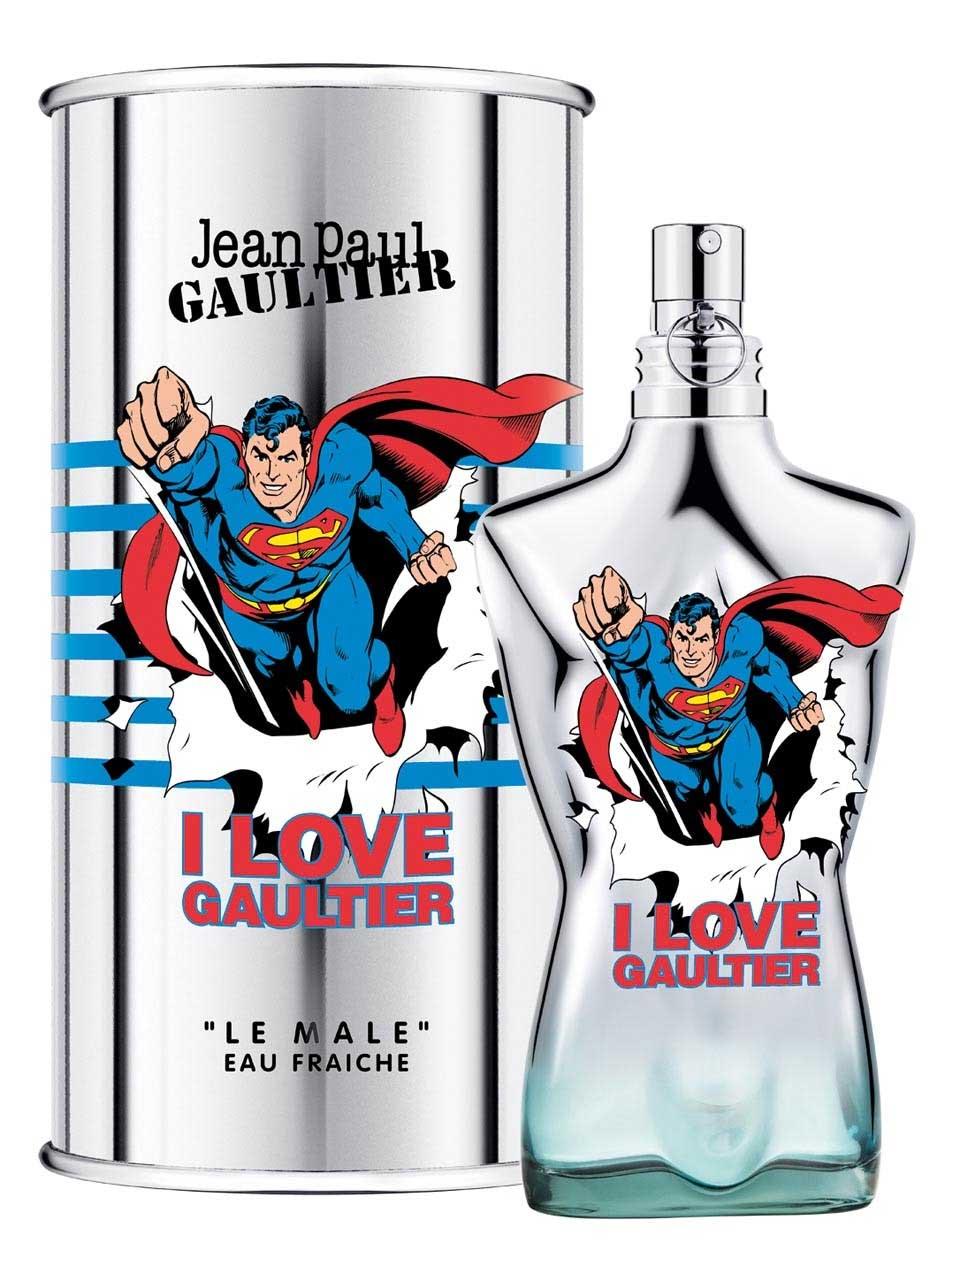 Le Male Superman Eau Fraiche Jean Paul Gaultier cologne ...